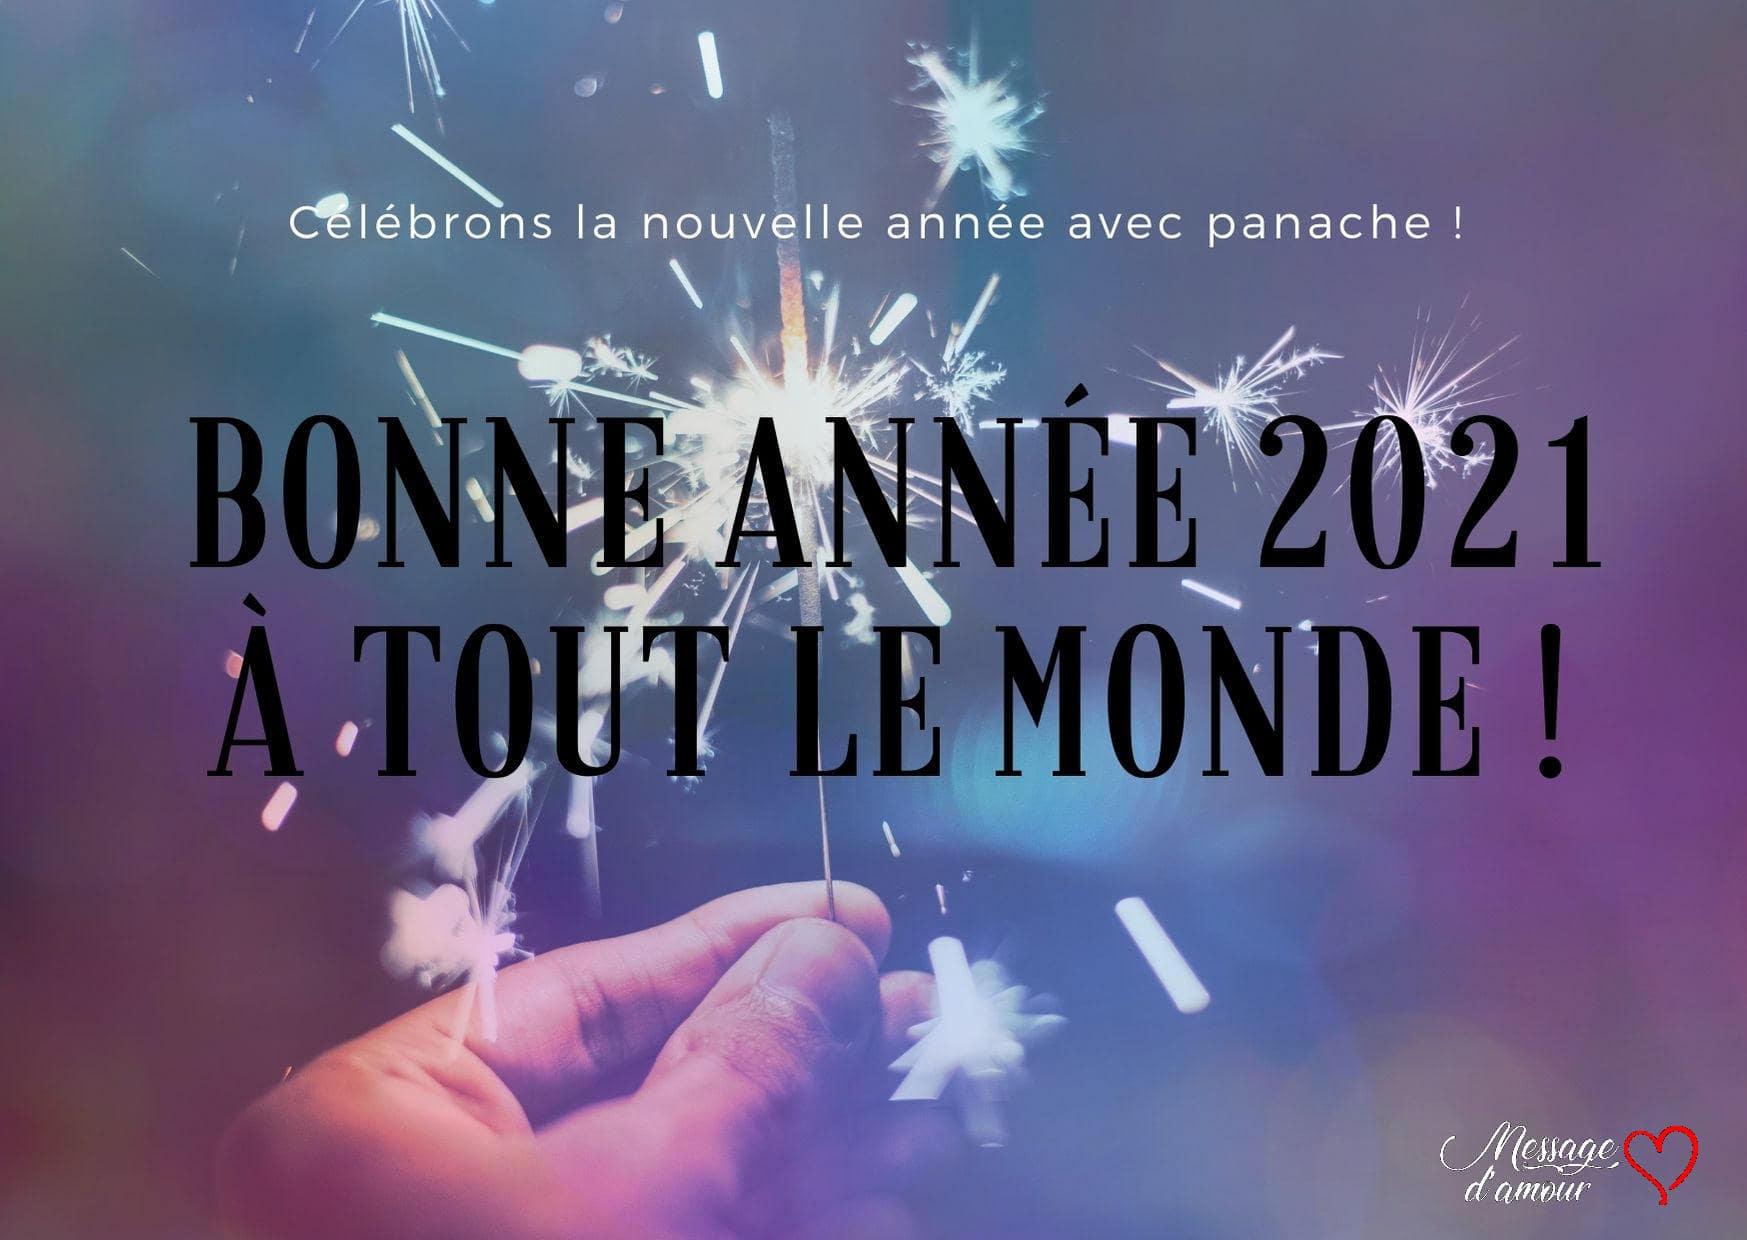 Bonne année 2021 a tout le monde